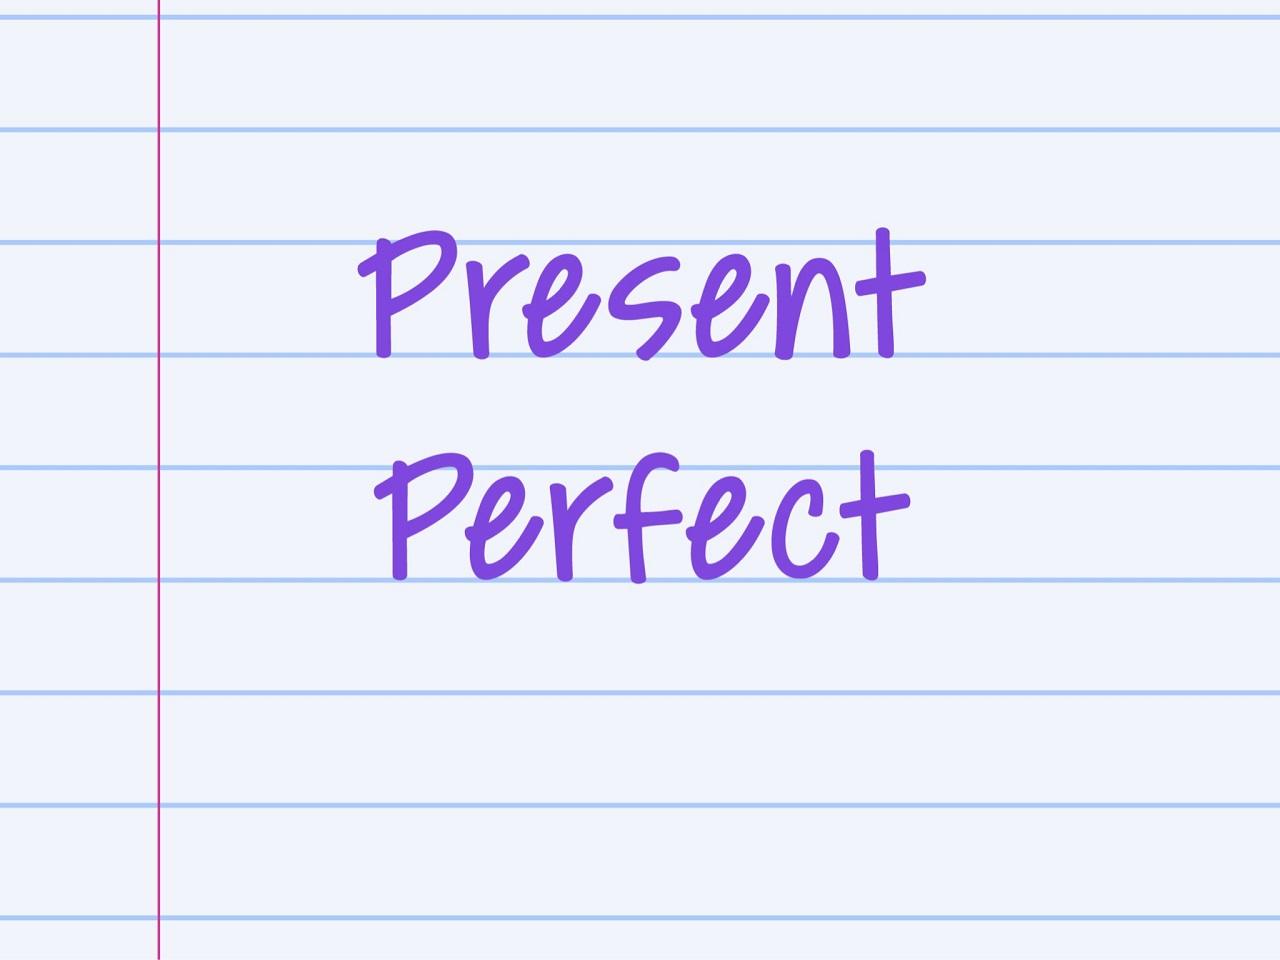 Thì hiện tại hoàn thành (Present Perfect) - cách dùng, công thức và bài tập